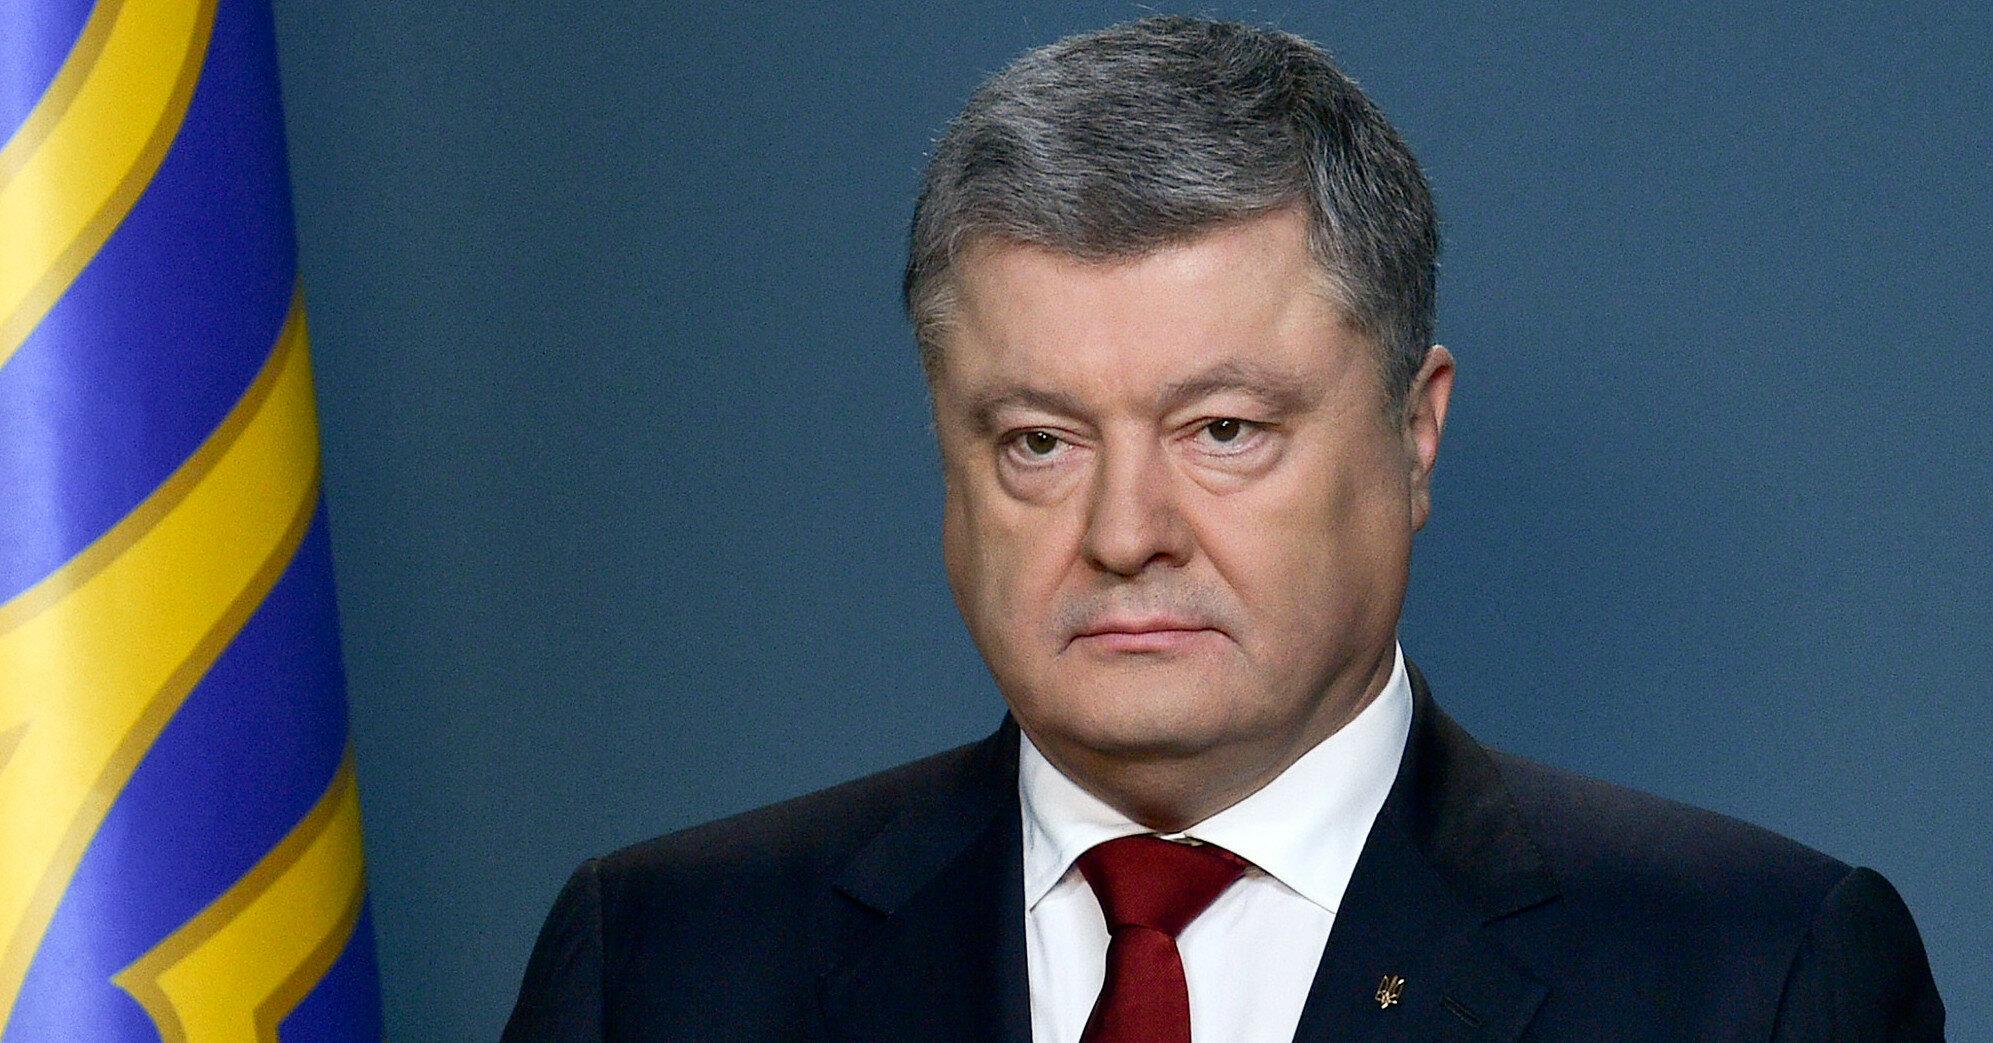 Порошенко сообщил, что лично способствовал встрече Зеленского с Байденом